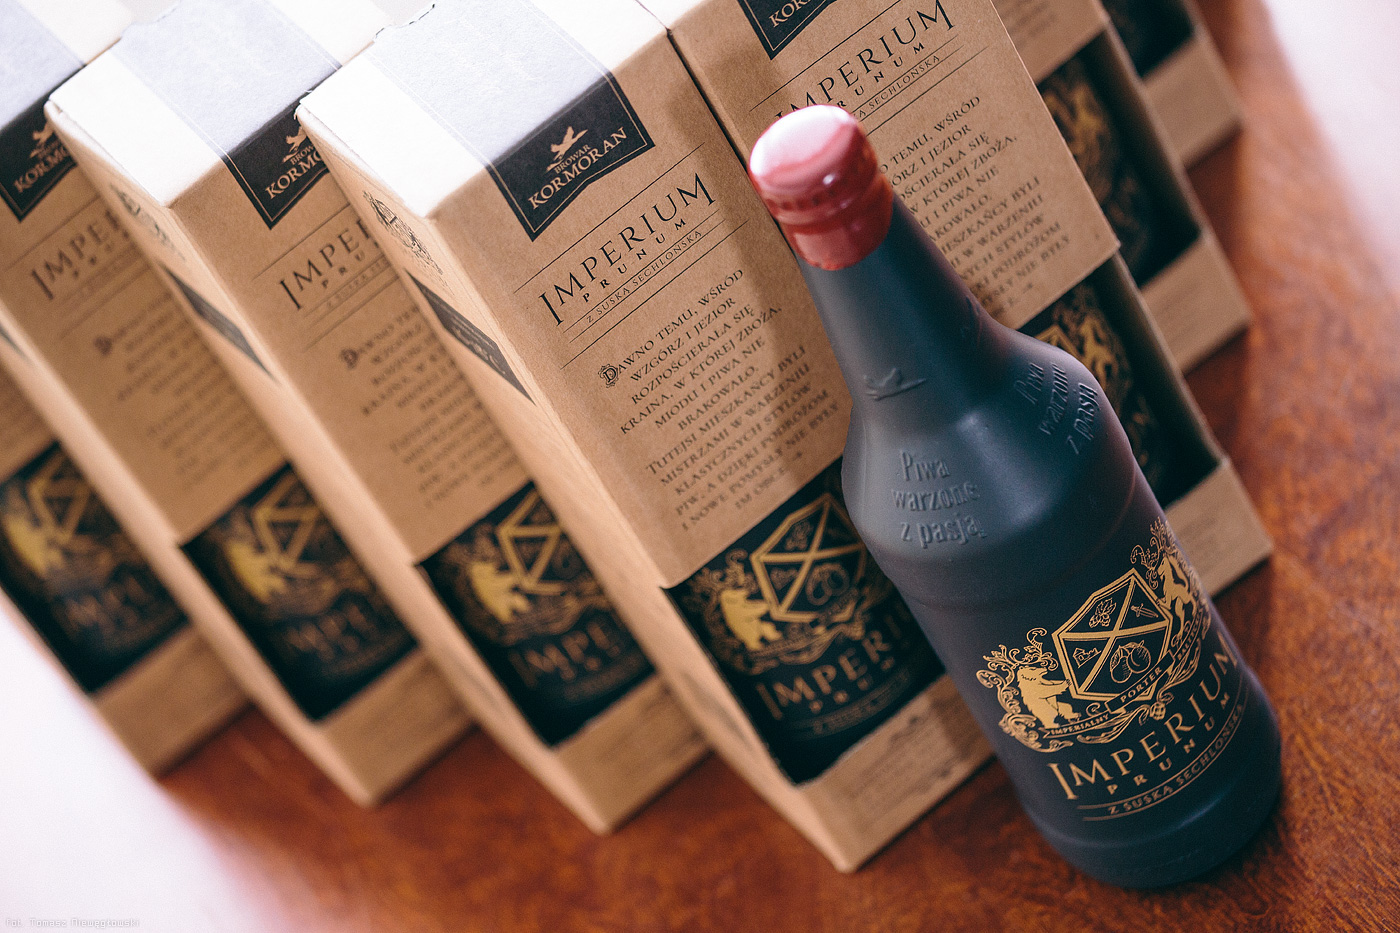 beer Bier brewery brand craft package bottle design Browar Kormoran fogravis